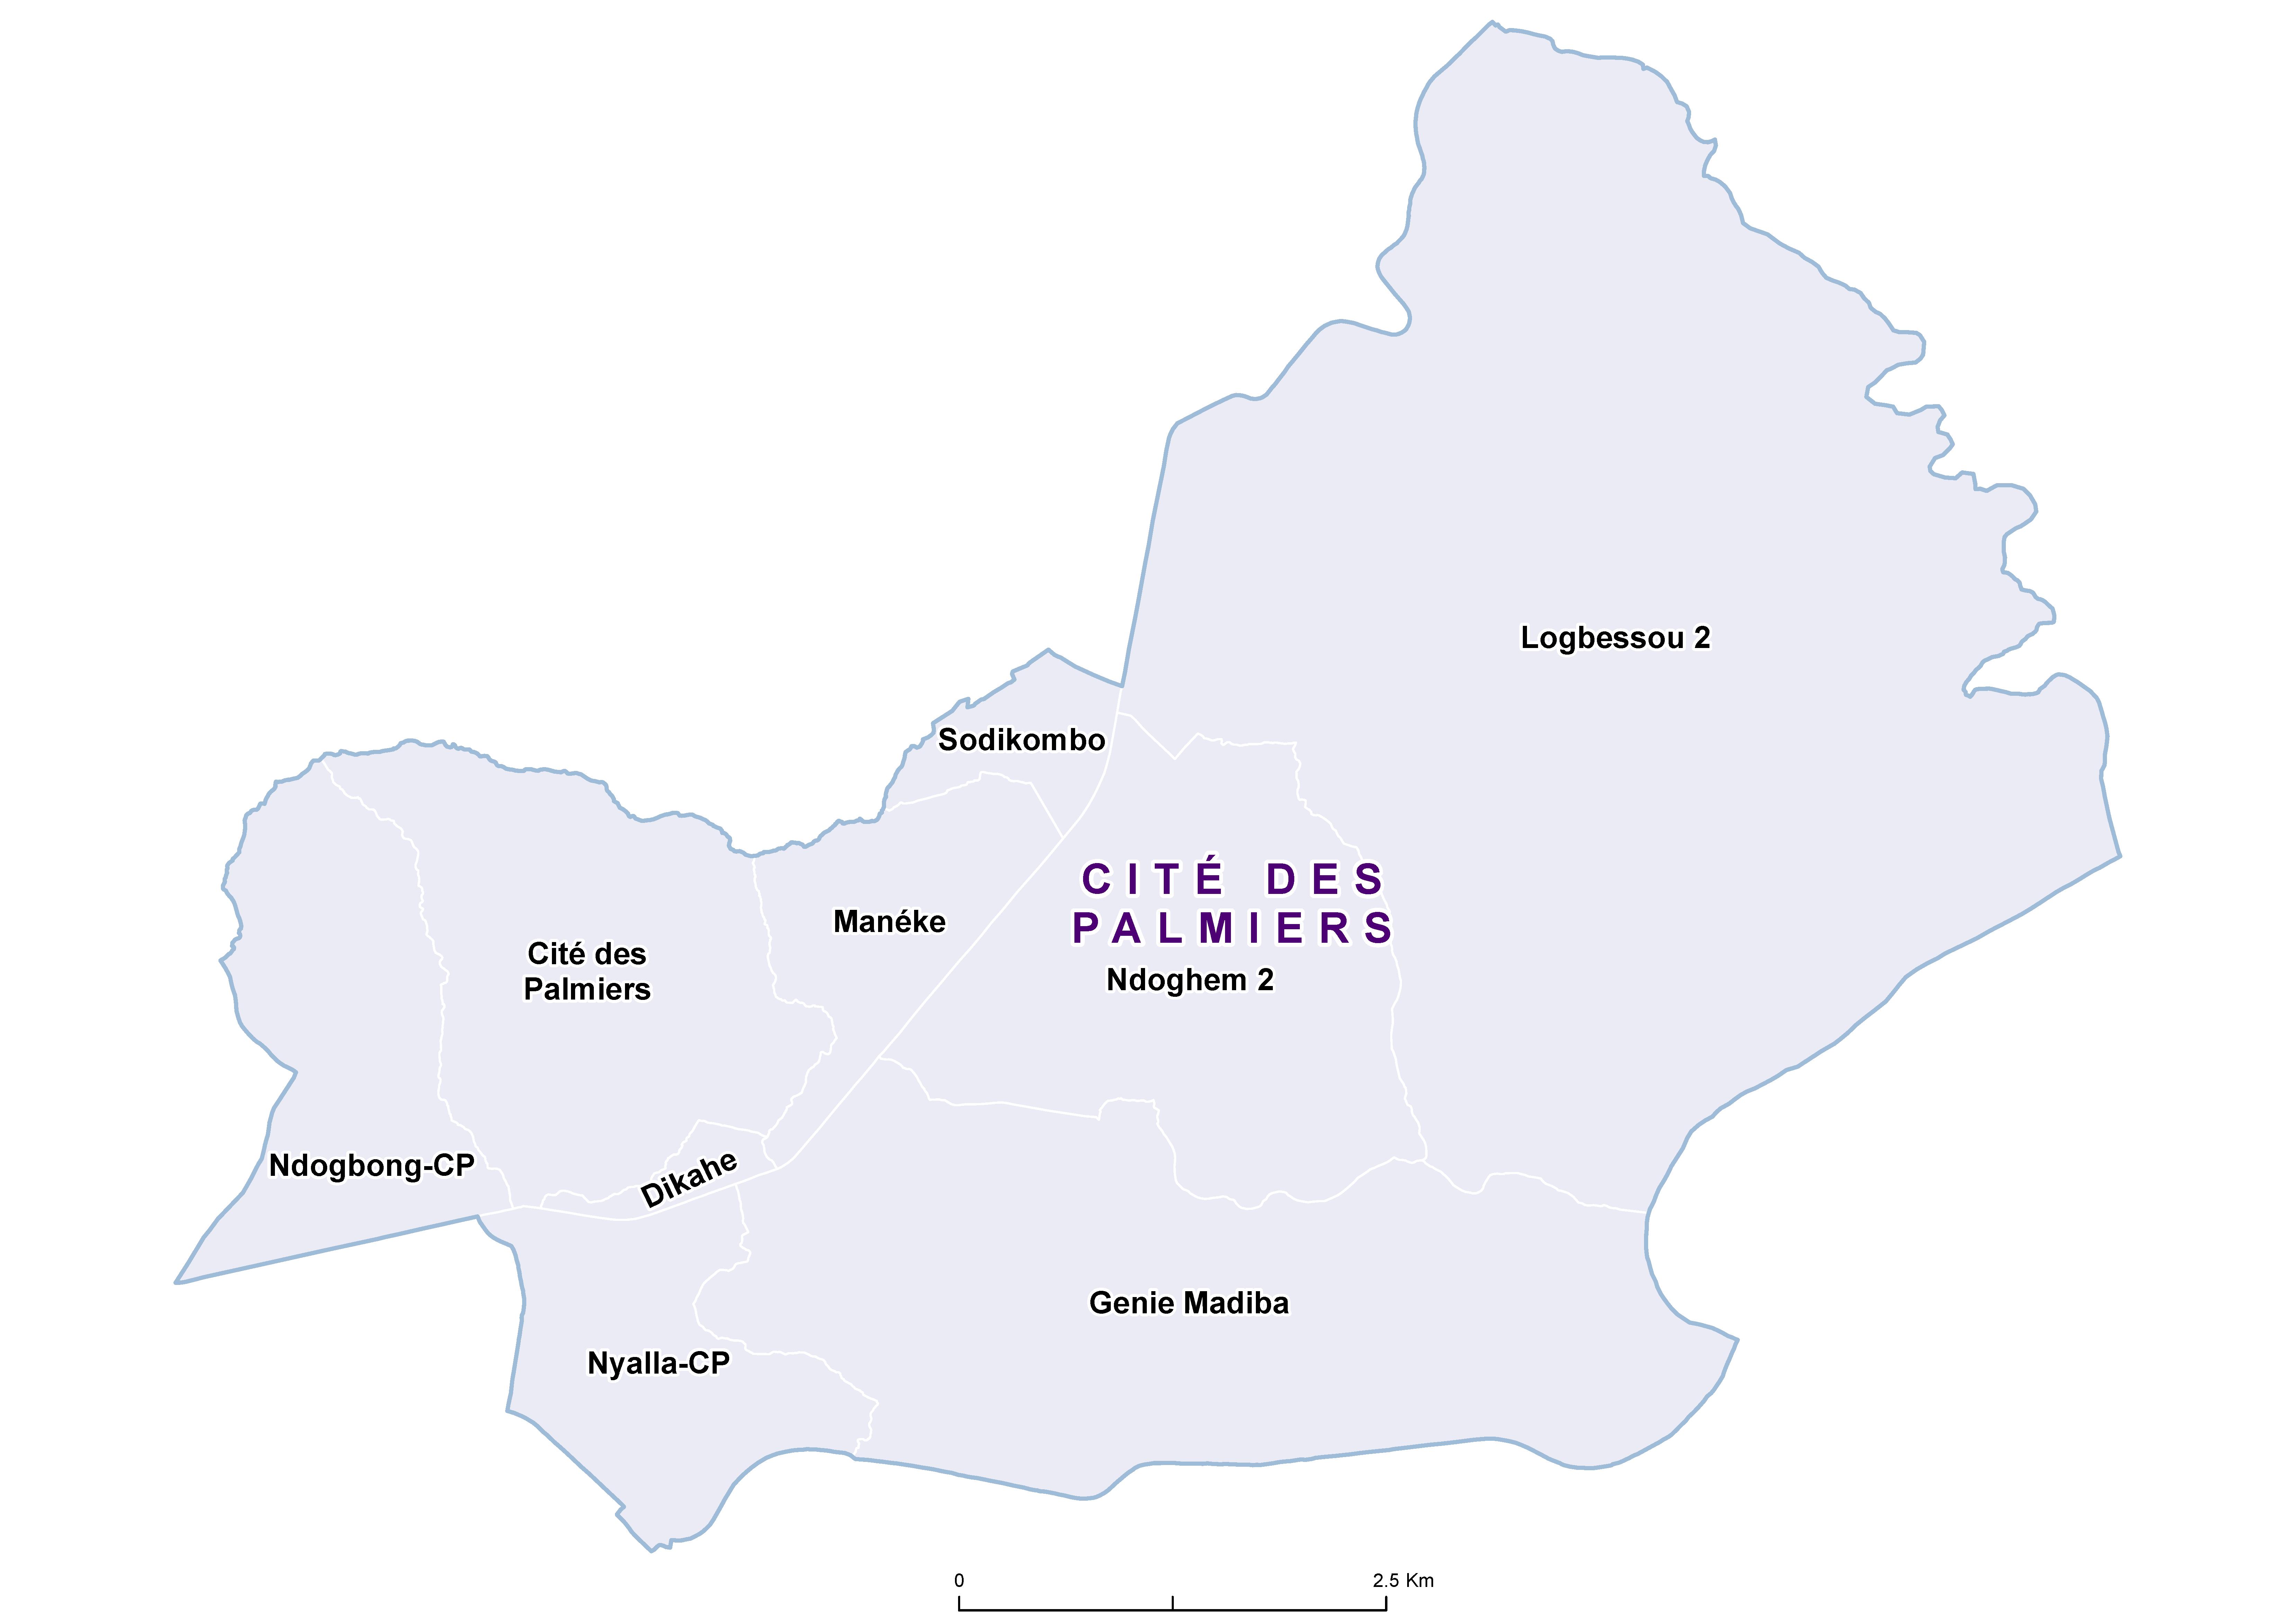 Cité des palmiers STH 19850001